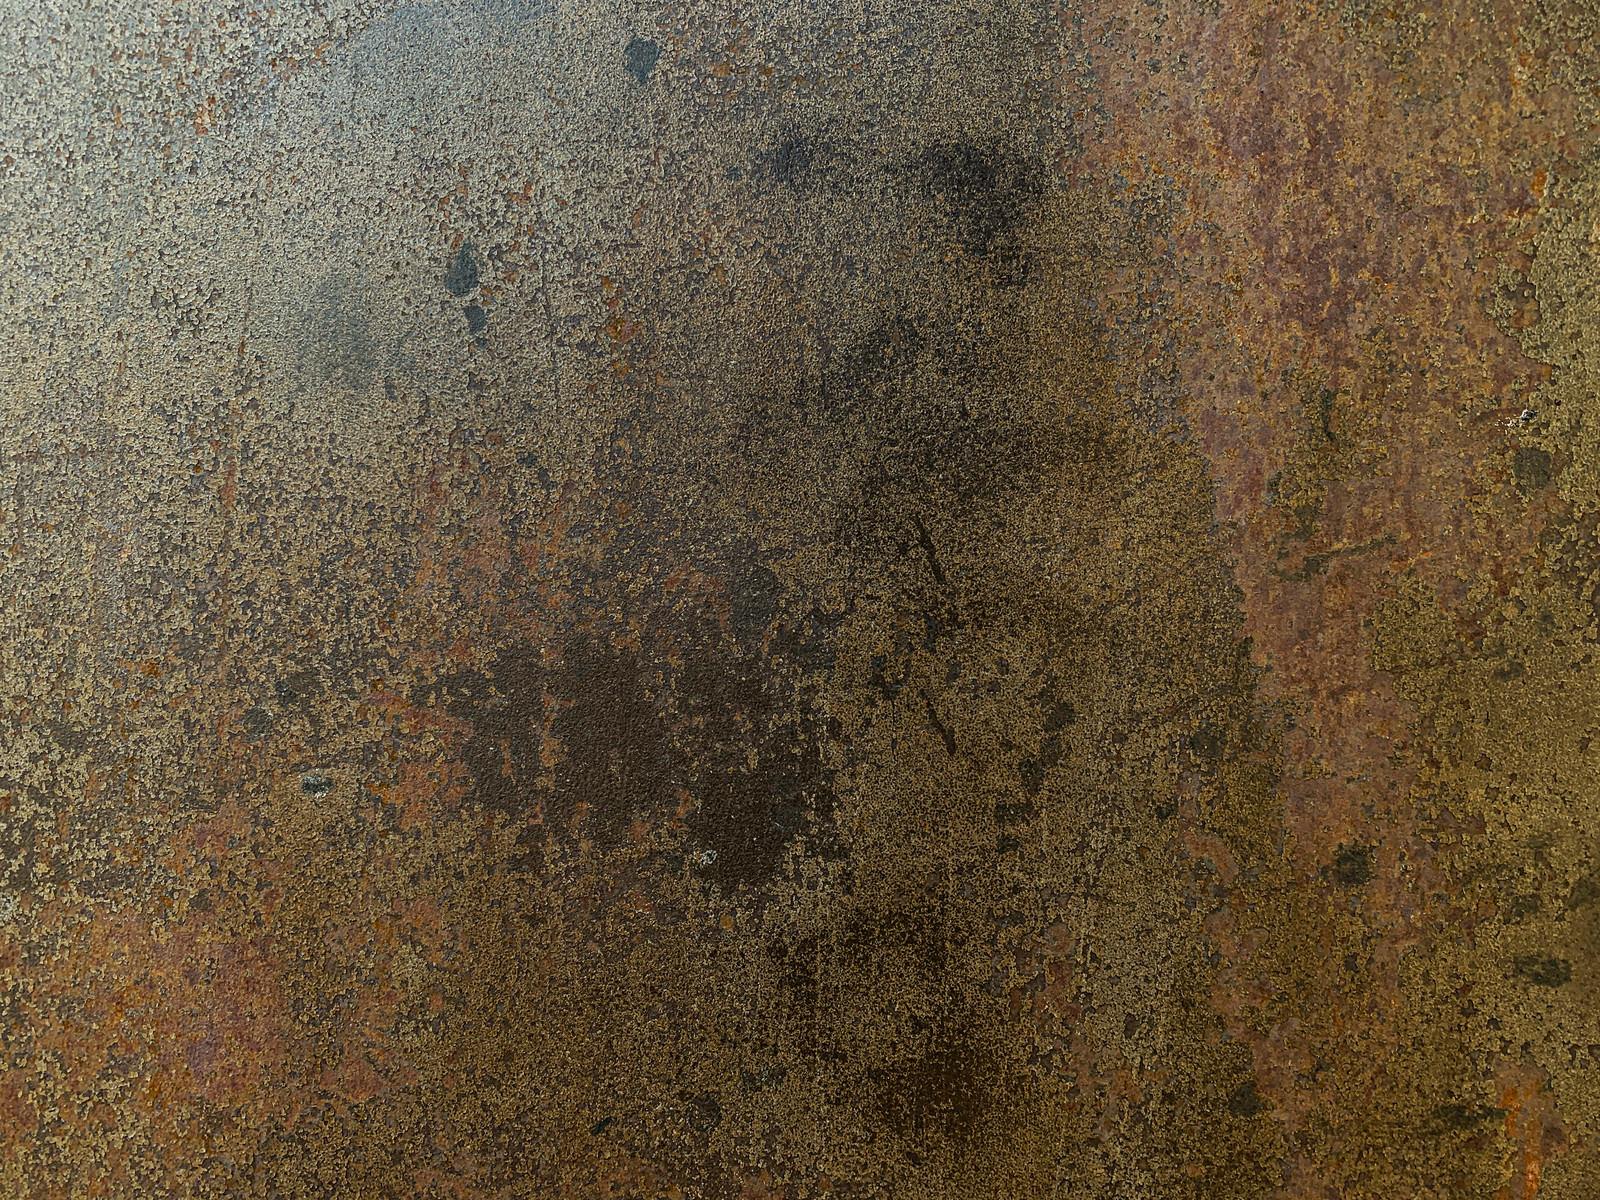 「剥がれ落ちた表面を錆と汚れが染み付く鉄壁(テクスチャ)」の写真